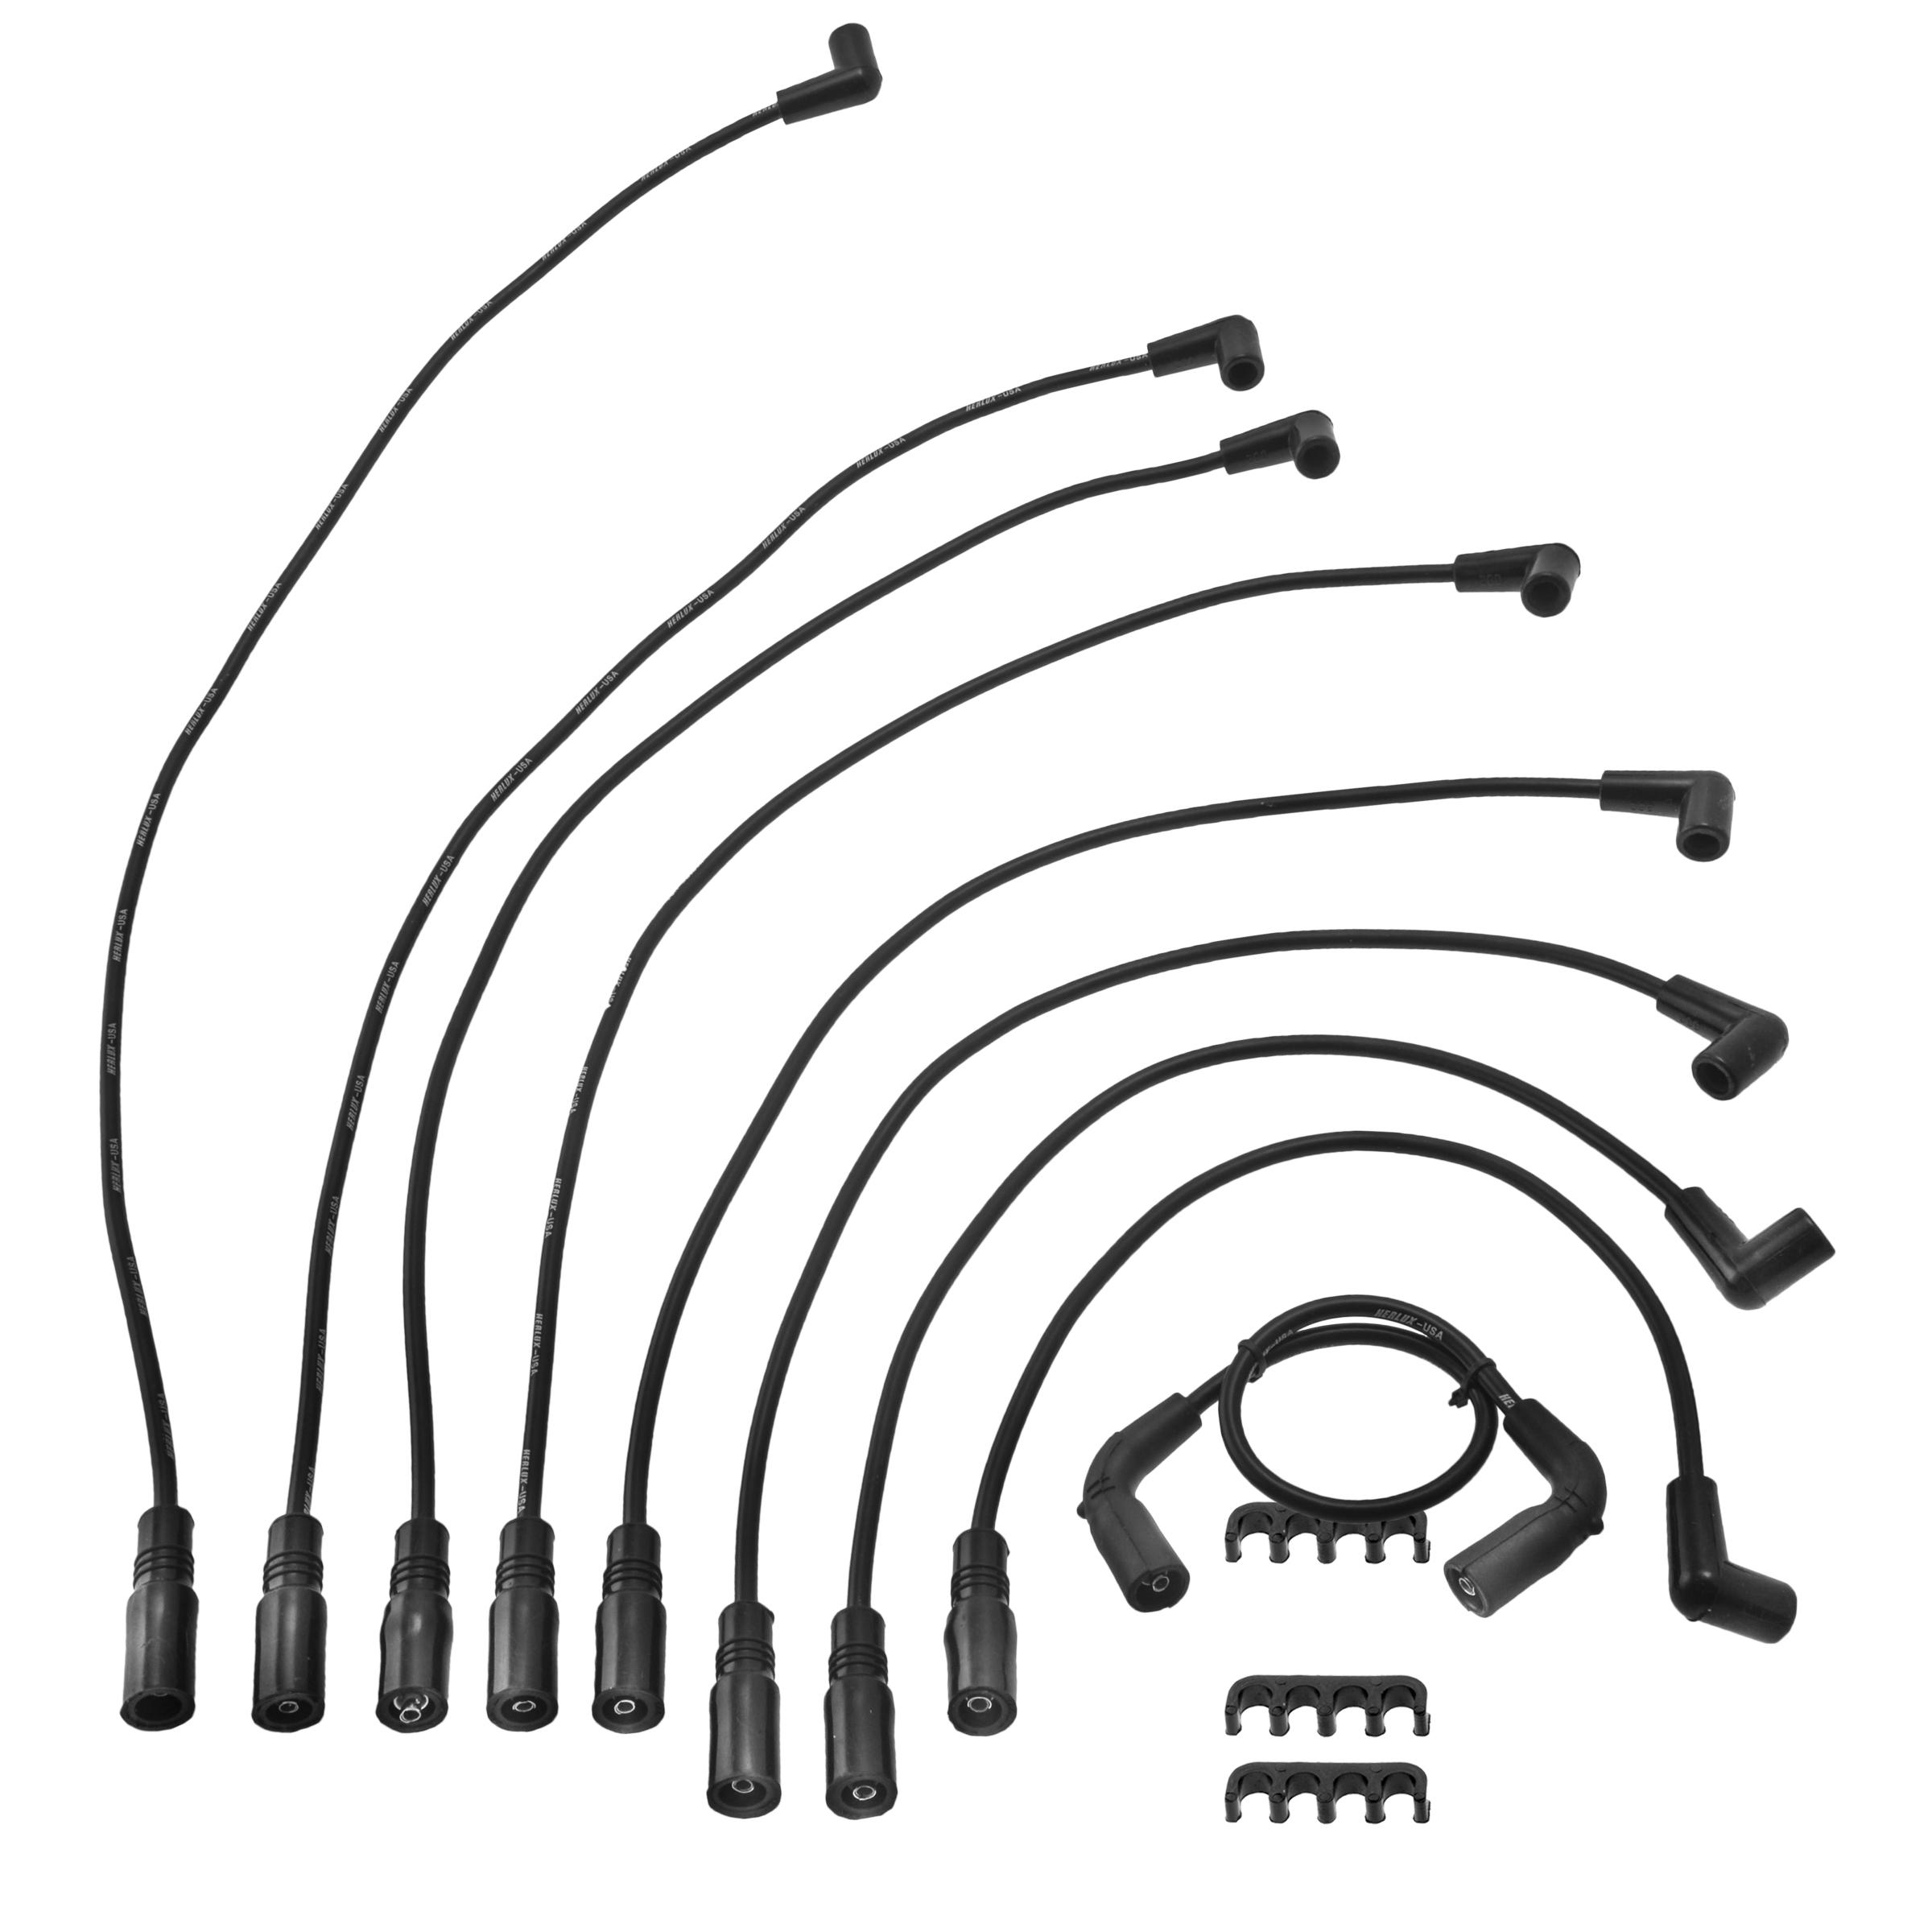 Herko Spark Plug Wire Set WGM07 For Cadillac GMC Isuzu